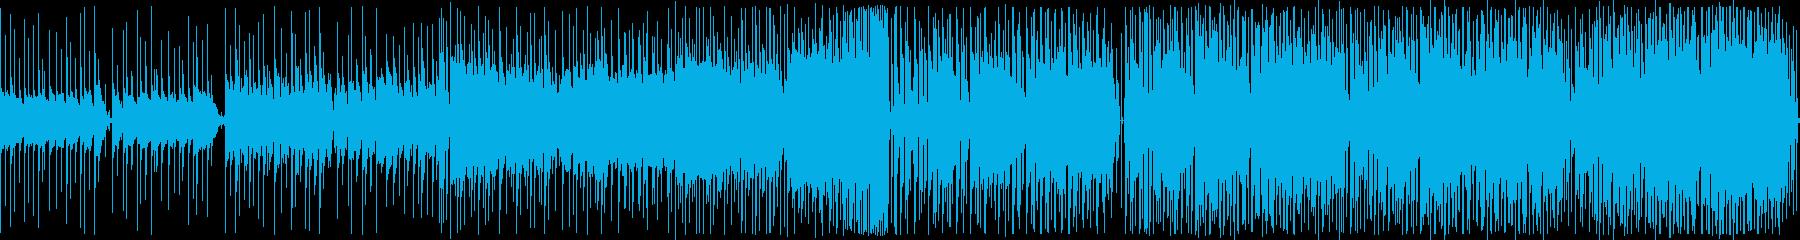 ループ音源のトロピカルハウスの再生済みの波形